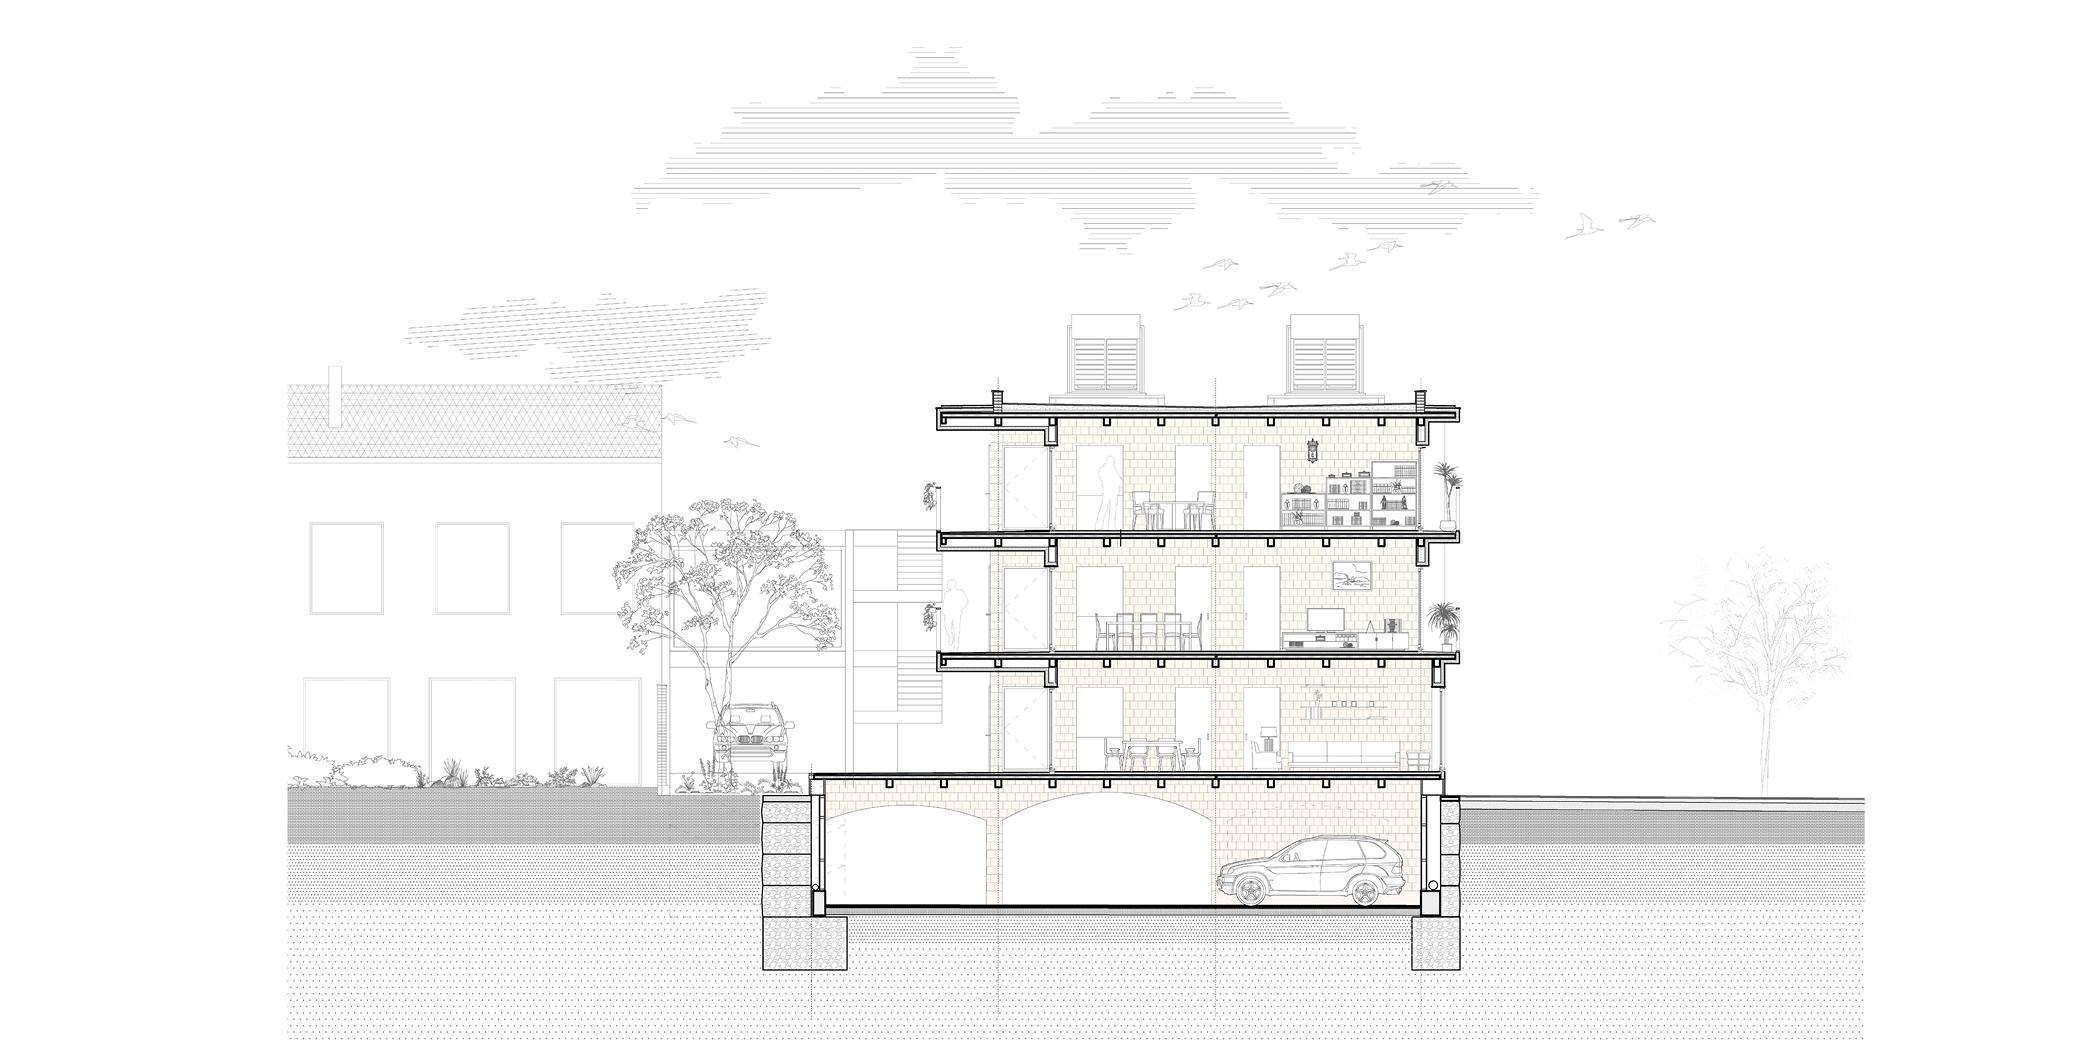 OCA architects competition viviendas de protección pública en Palma y Marratxí Hernan Lleida Bernardo Garcia Eduard Mosieienkov Yana Stepankova8